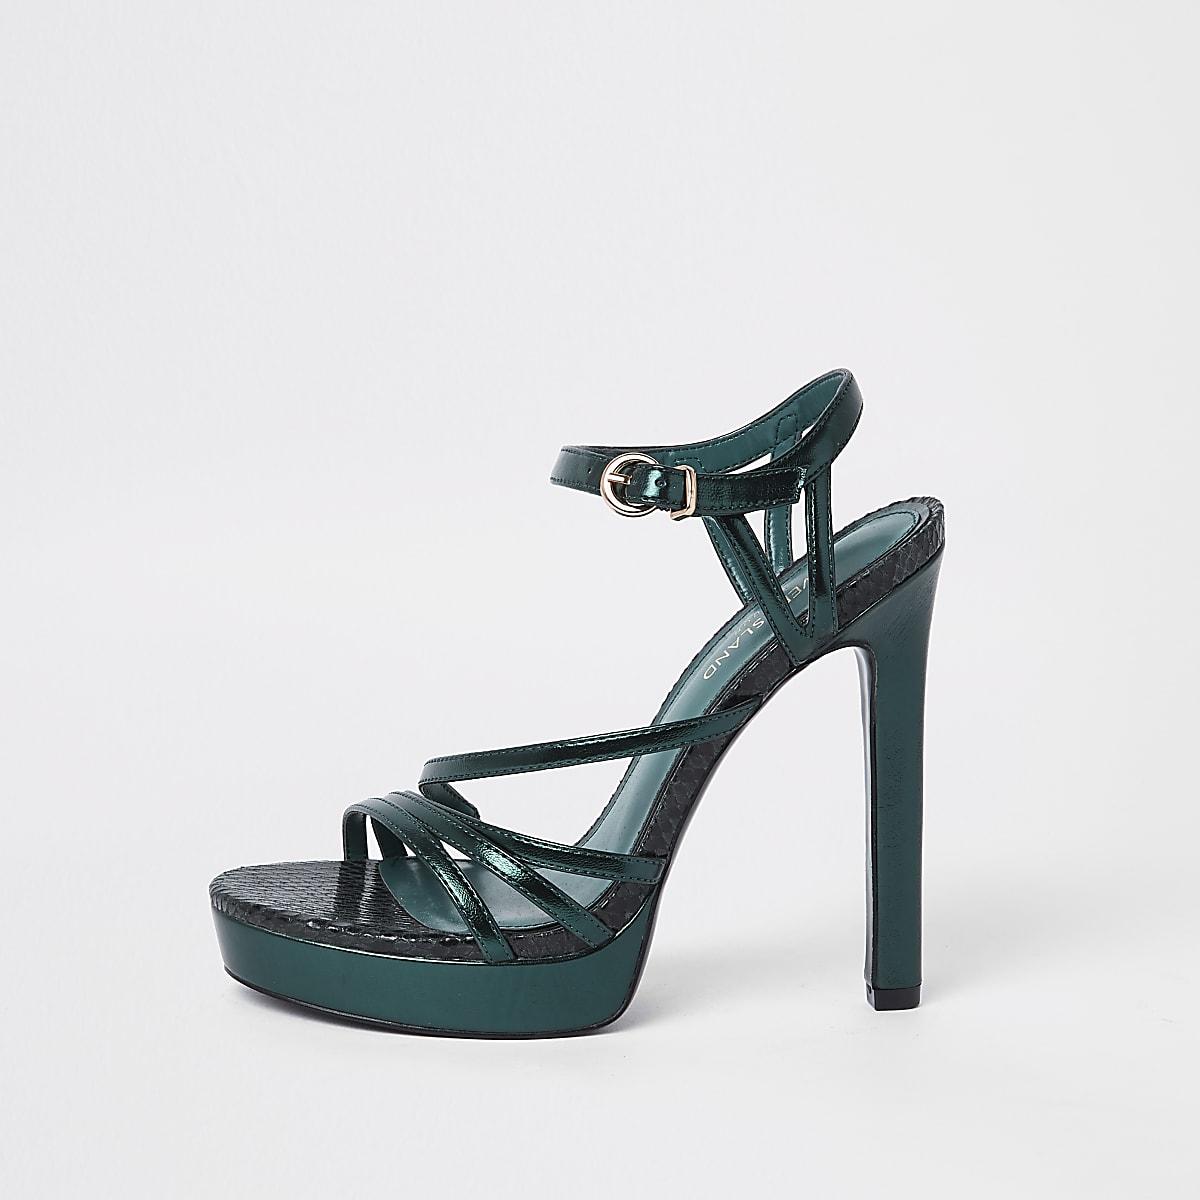 bd85d6f701 Dark green platform sandal - Sandals - Shoes & Boots - women